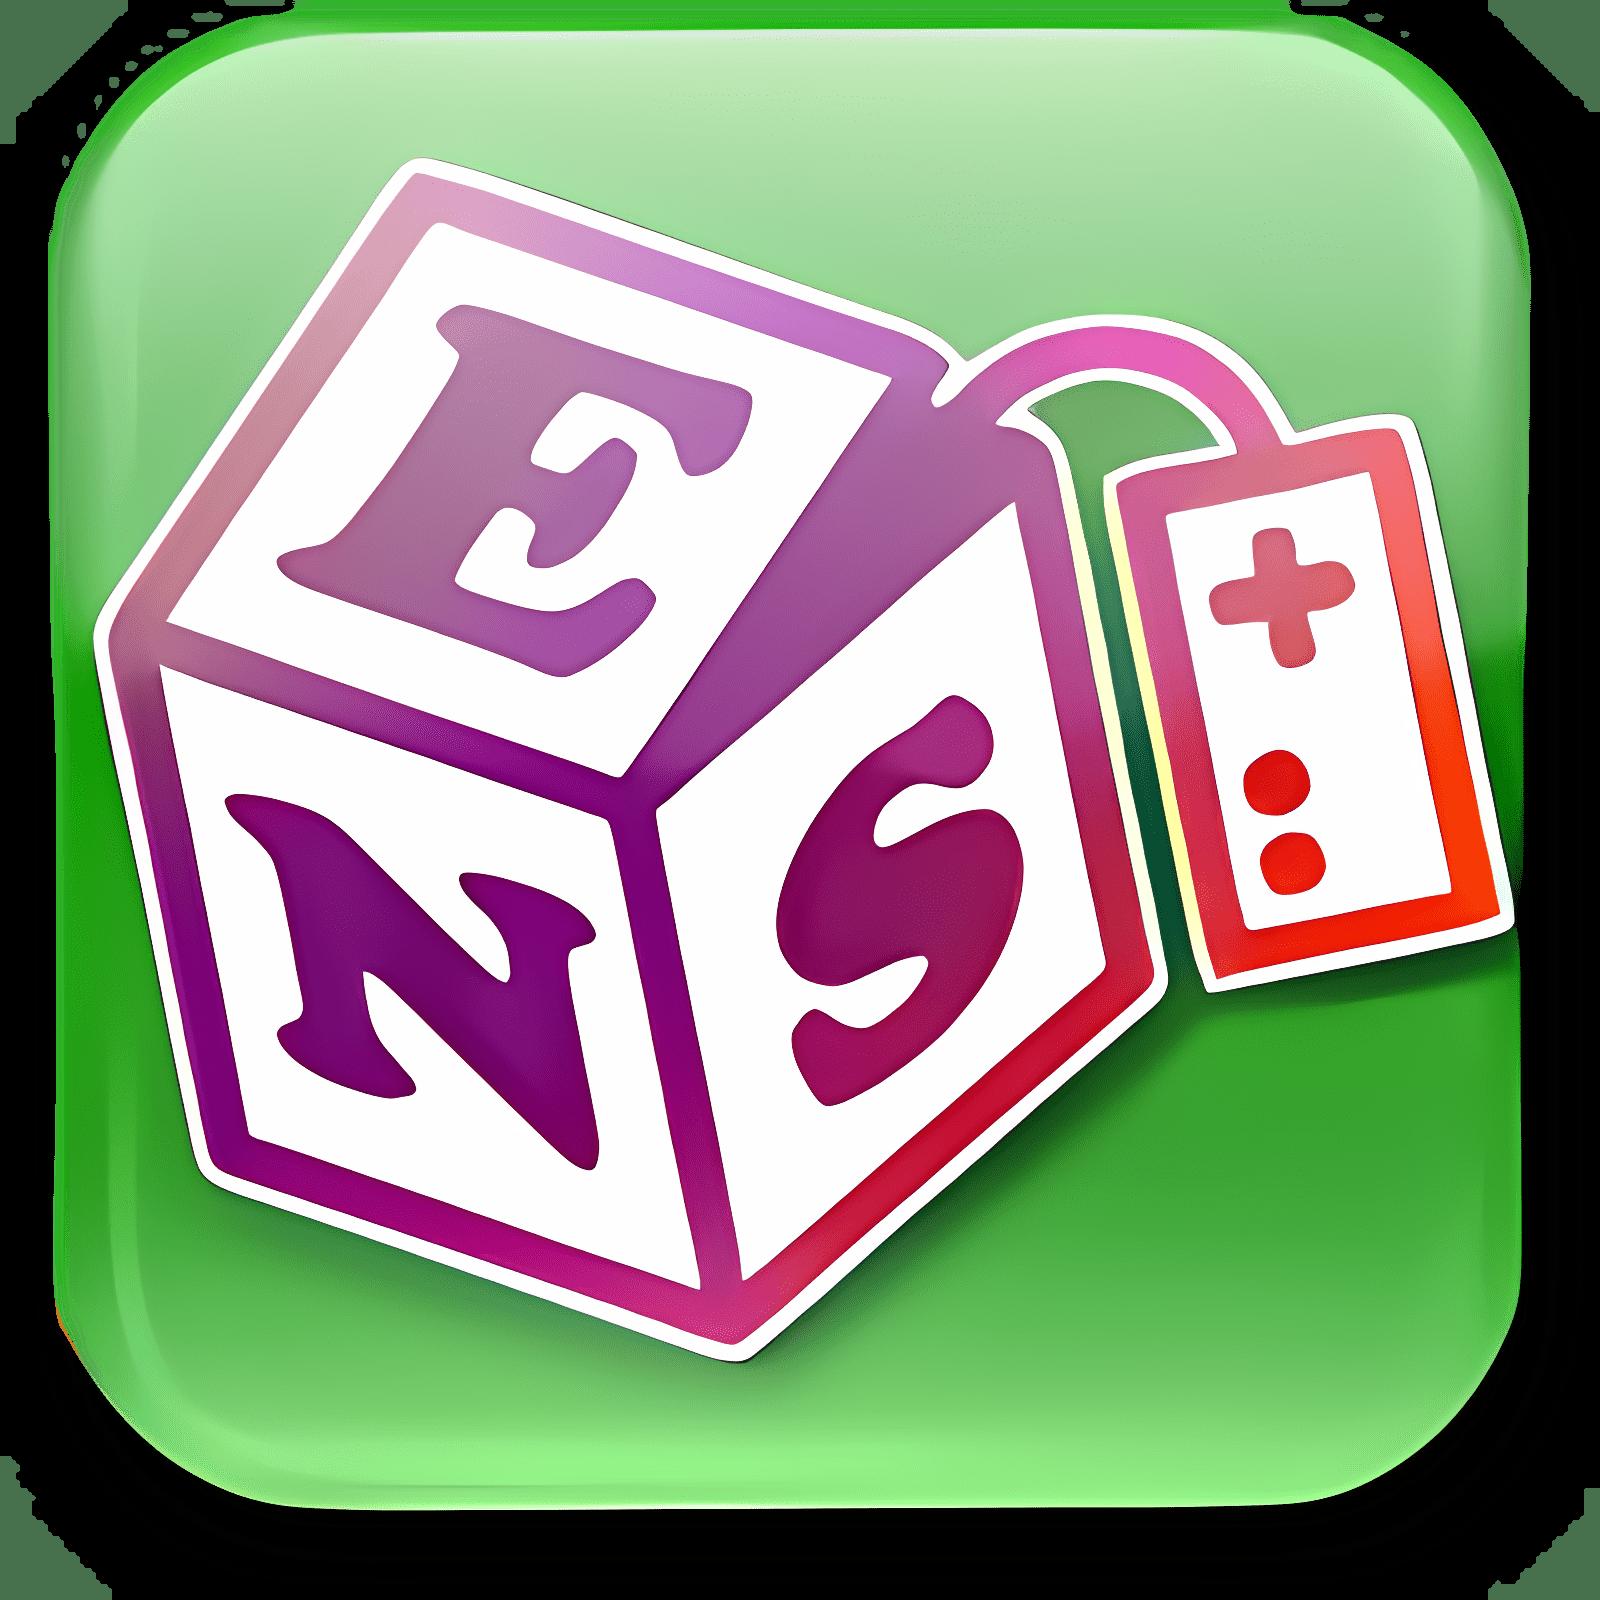 NESbox